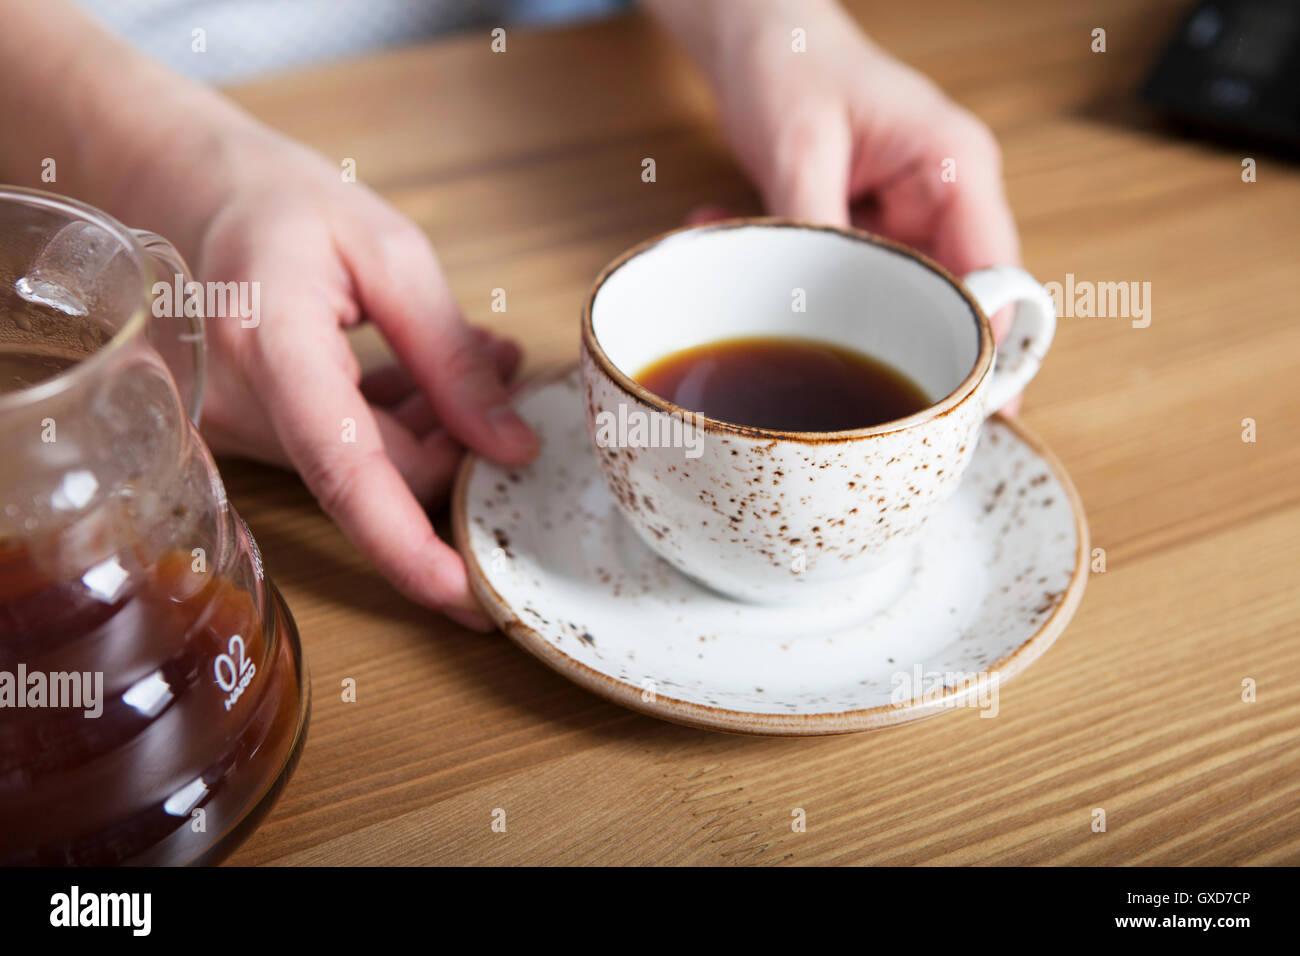 White tazza di caffè in mano. Barista azienda caffè Immagini Stock